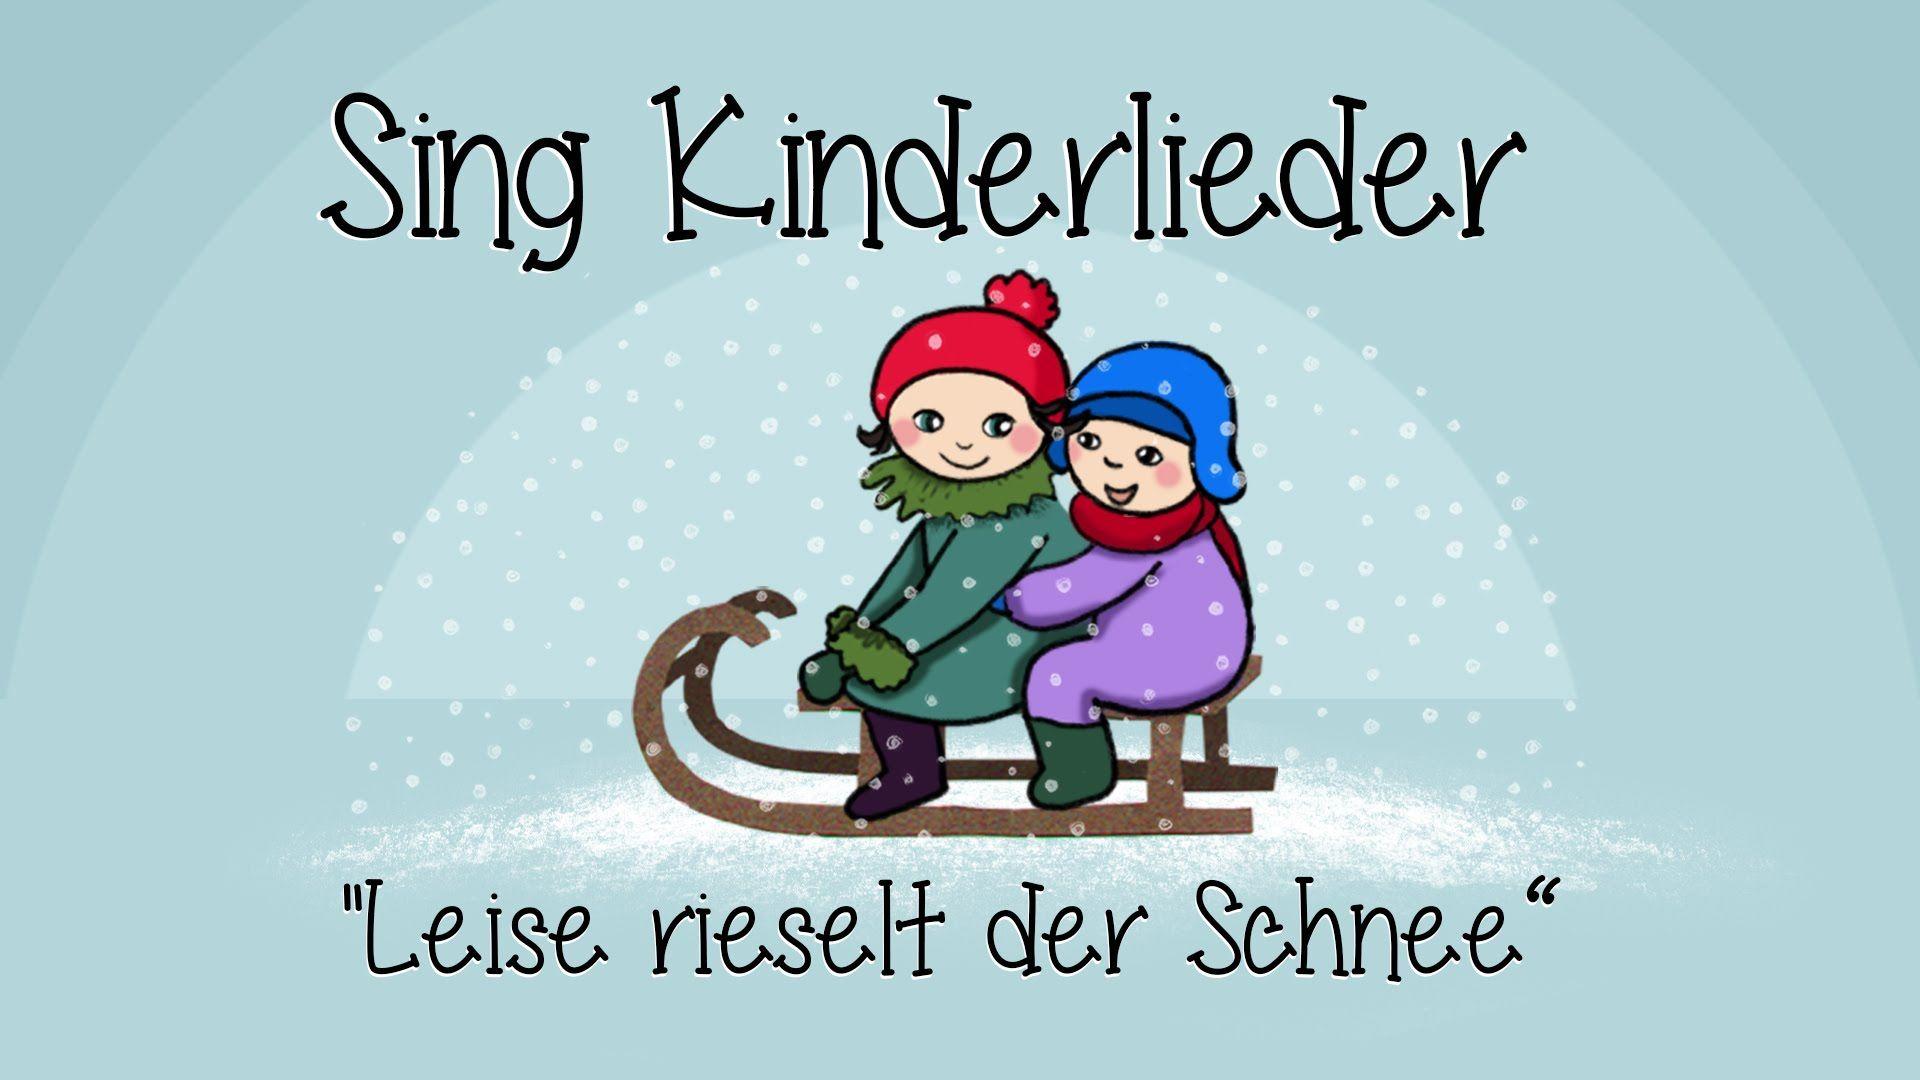 Leise rieselt der Schnee - Weihnachtslieder zum Mitsingen | Sing ...